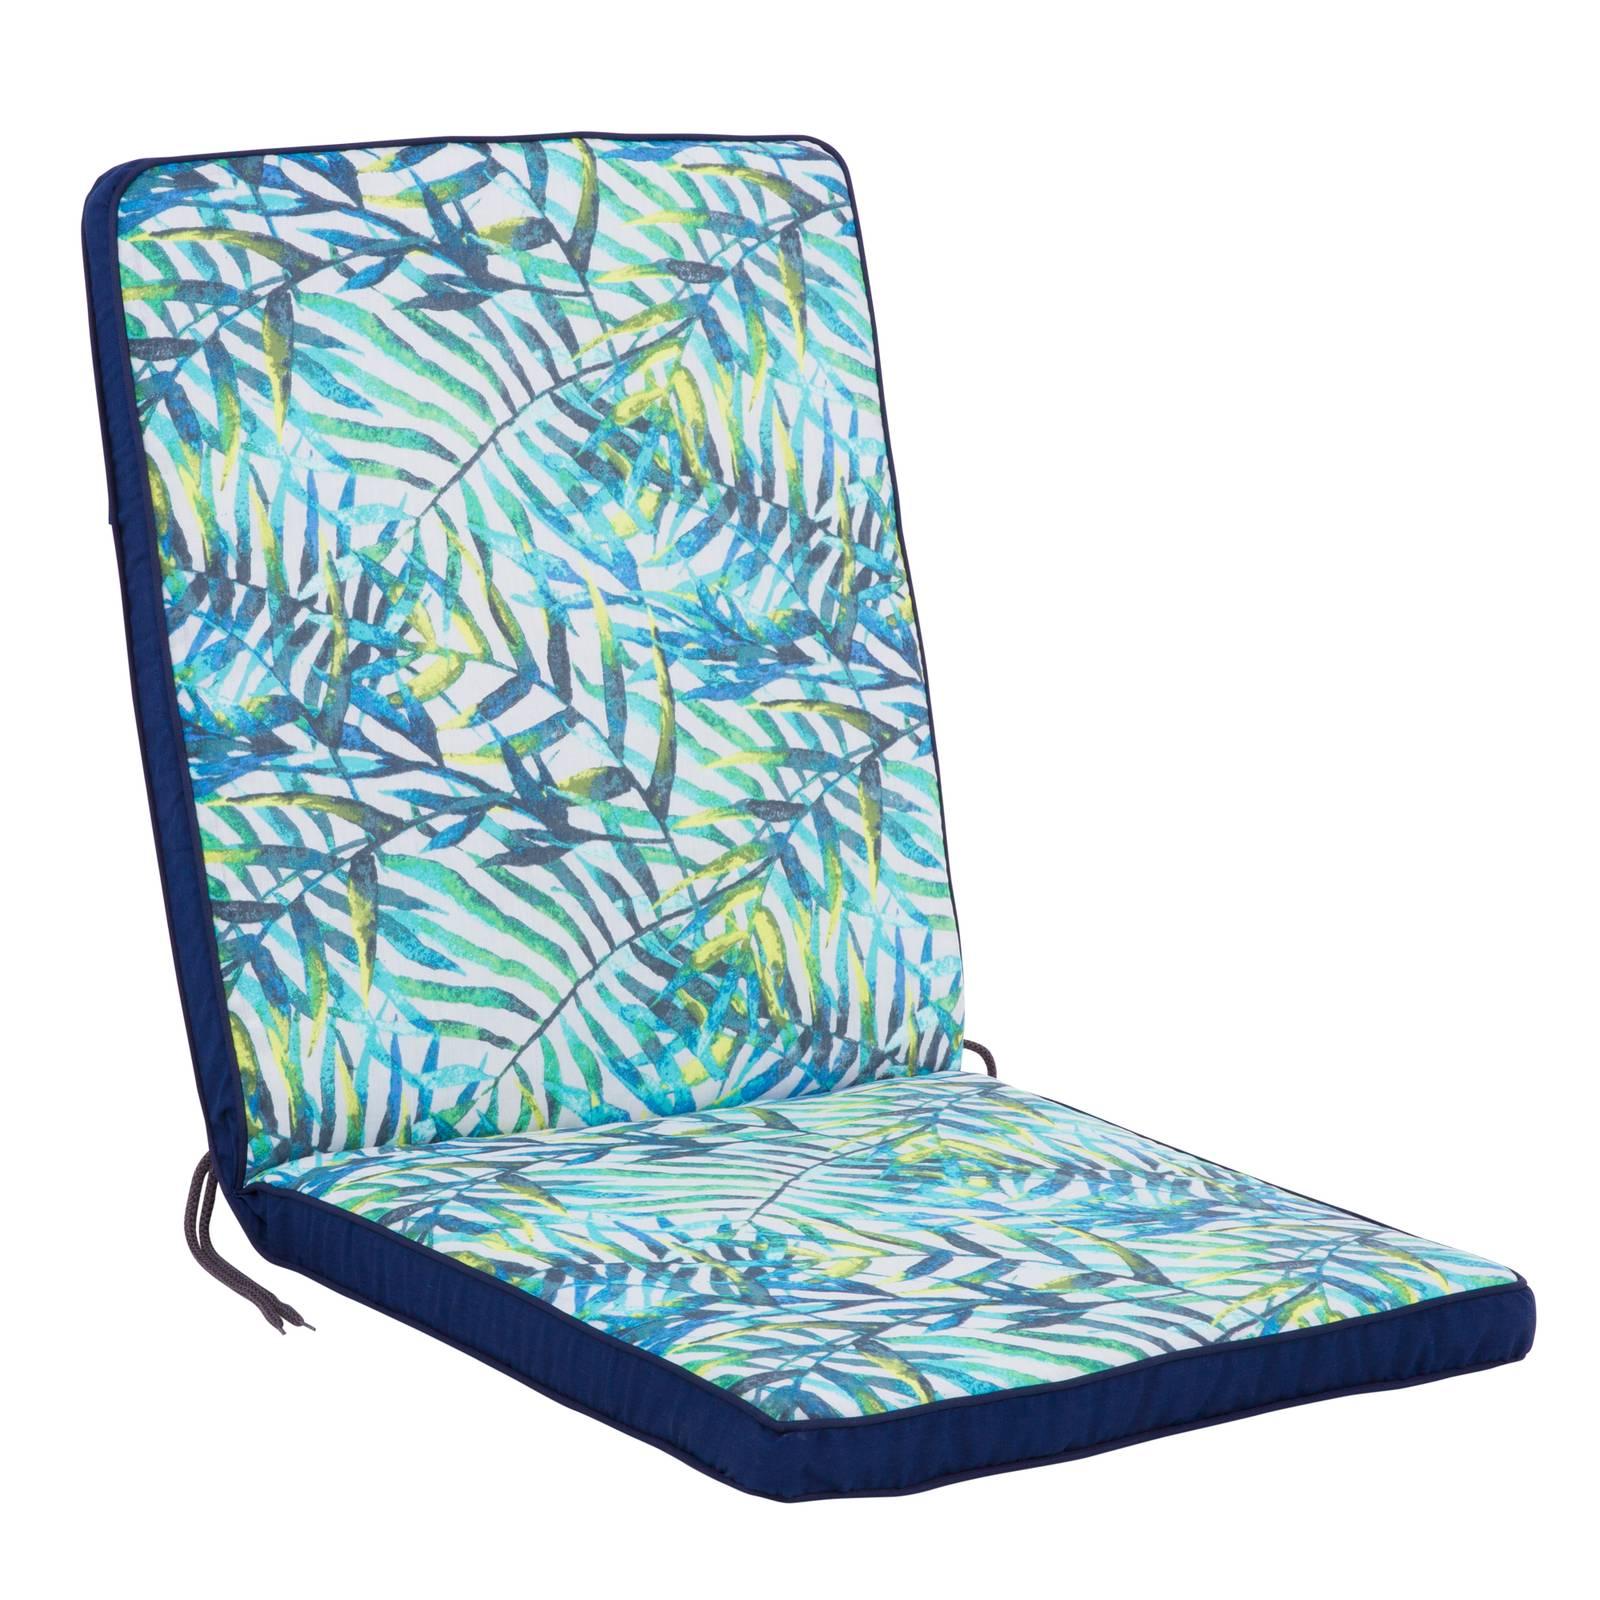 Poduszka na krzesło Salamanca Niedrig L137-01PB PATIO